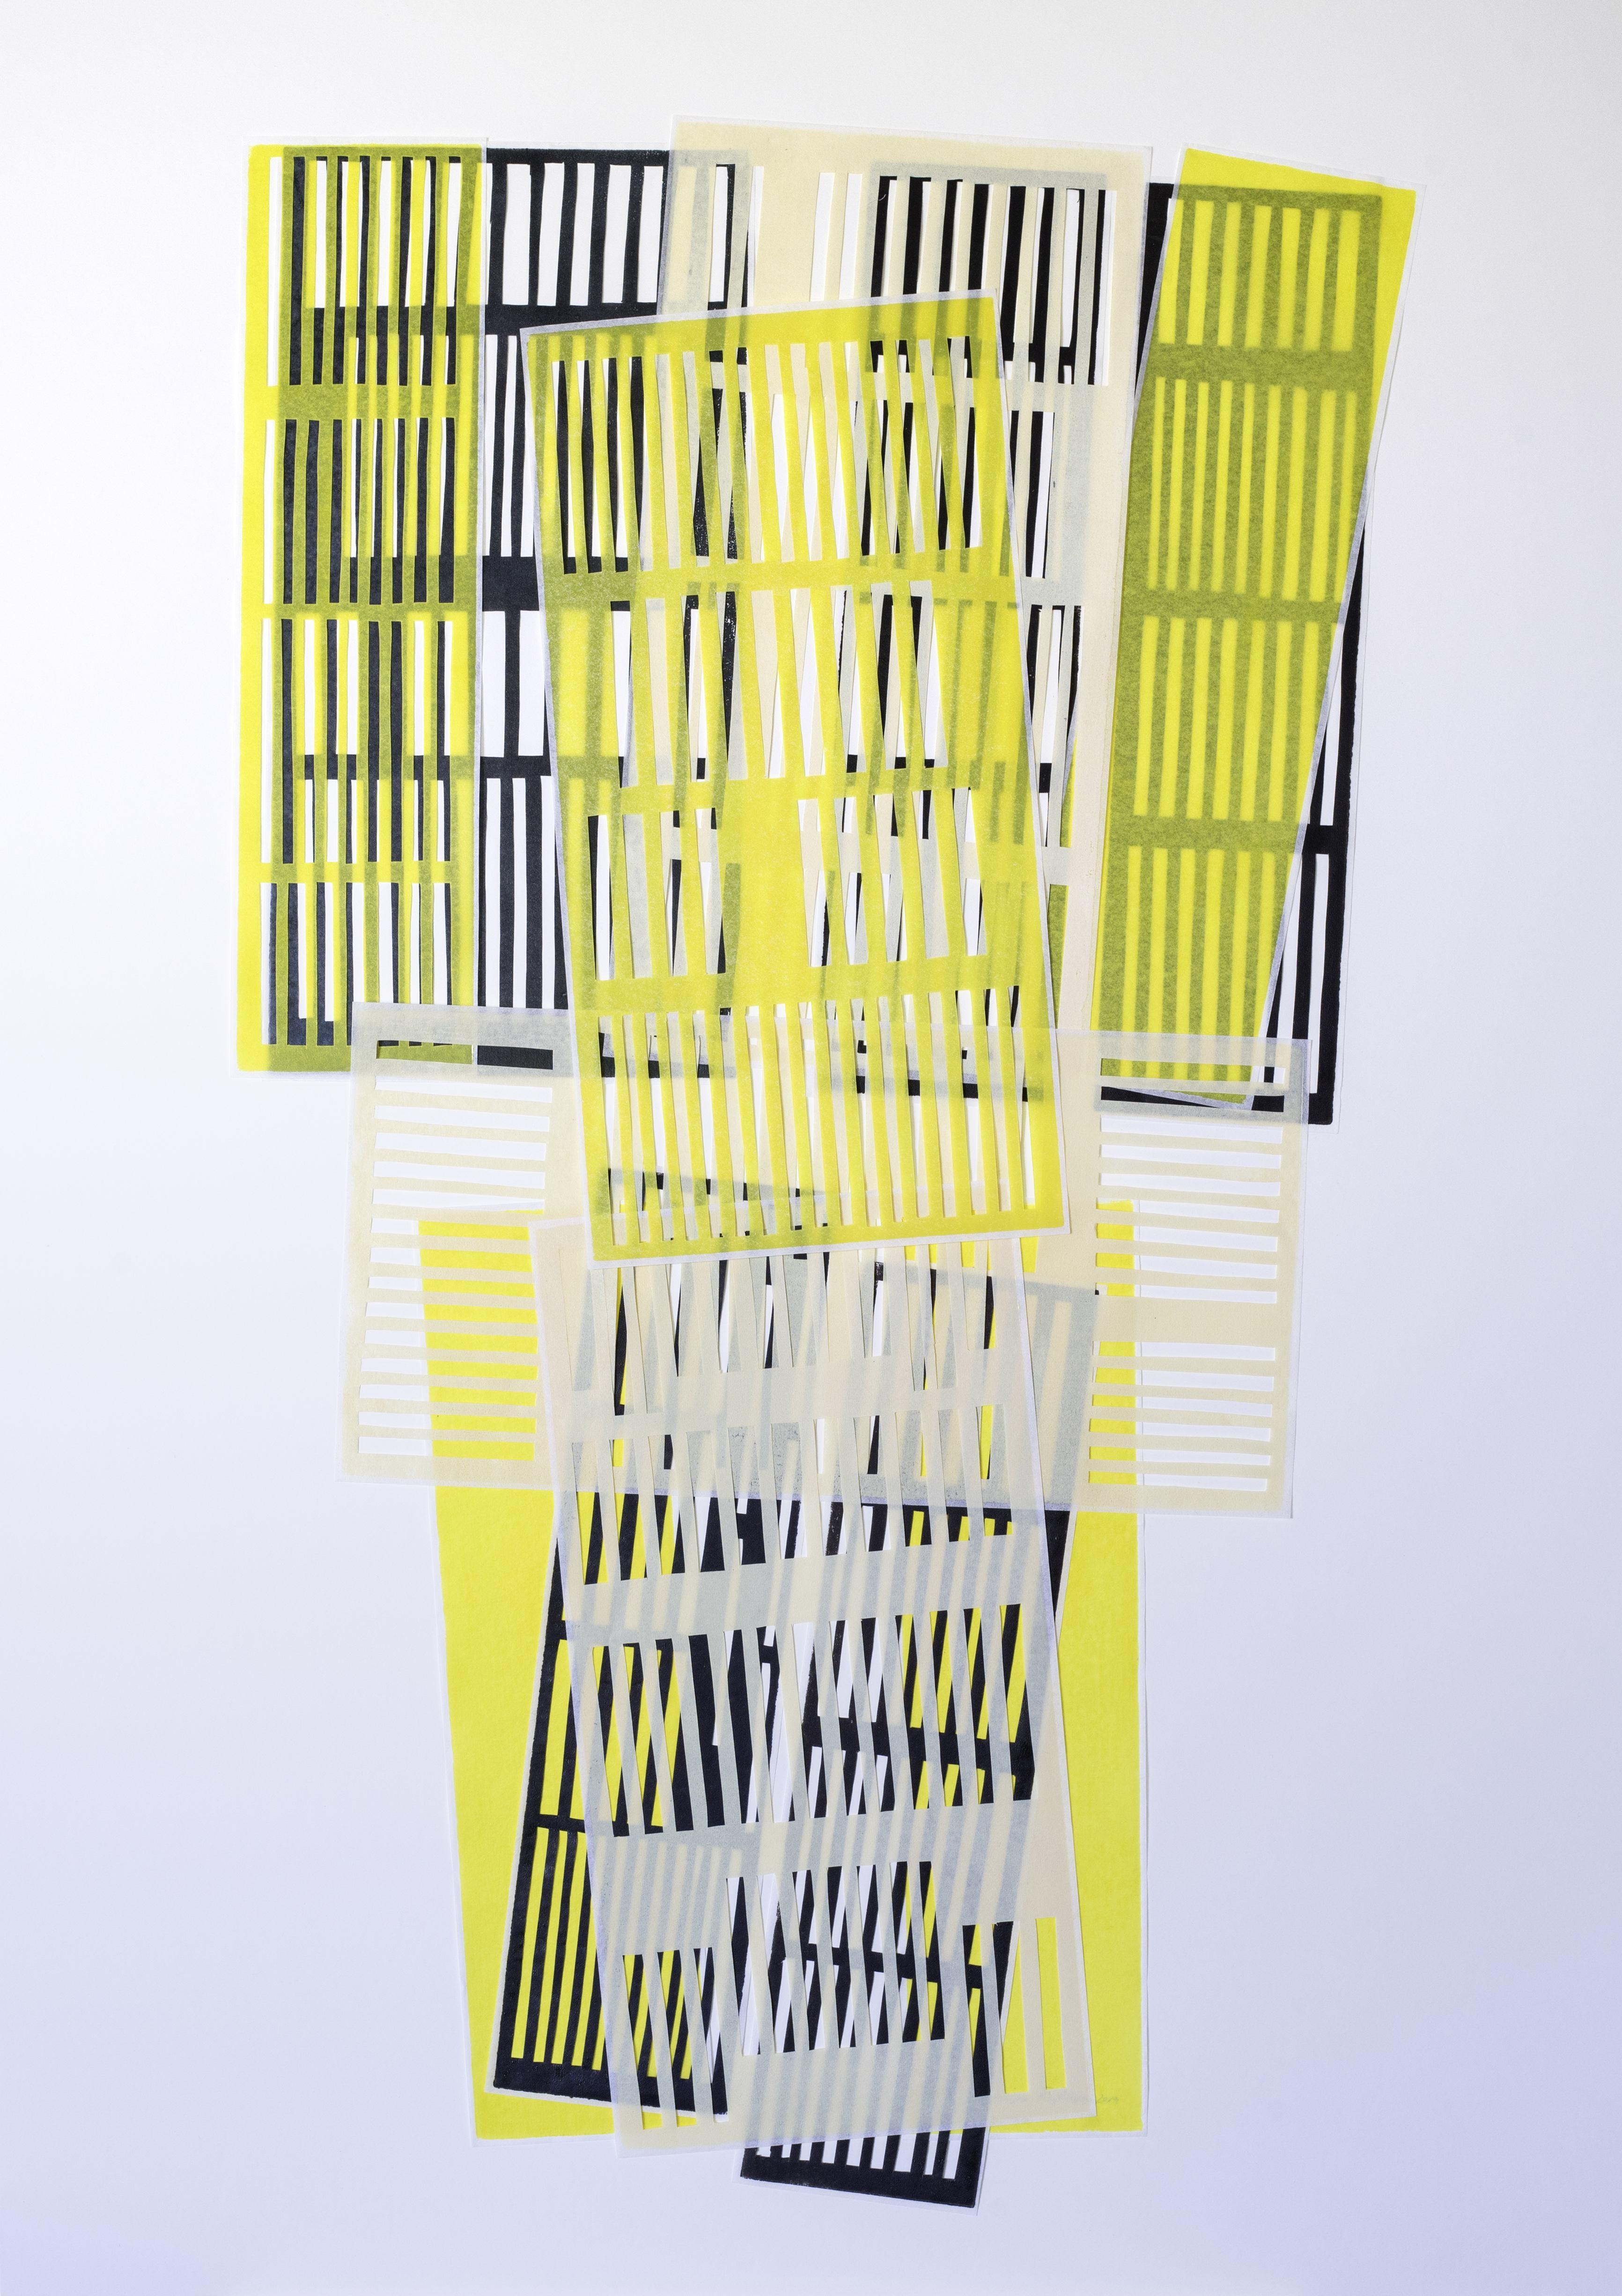 Technik: Grafik, Hochdruck-Unikate, Skalpellzeichnung Material: Offsetfarbe, China Wenzhou-Papier, 2019 Maße/Bildgrund: 100 cm x 70 cm